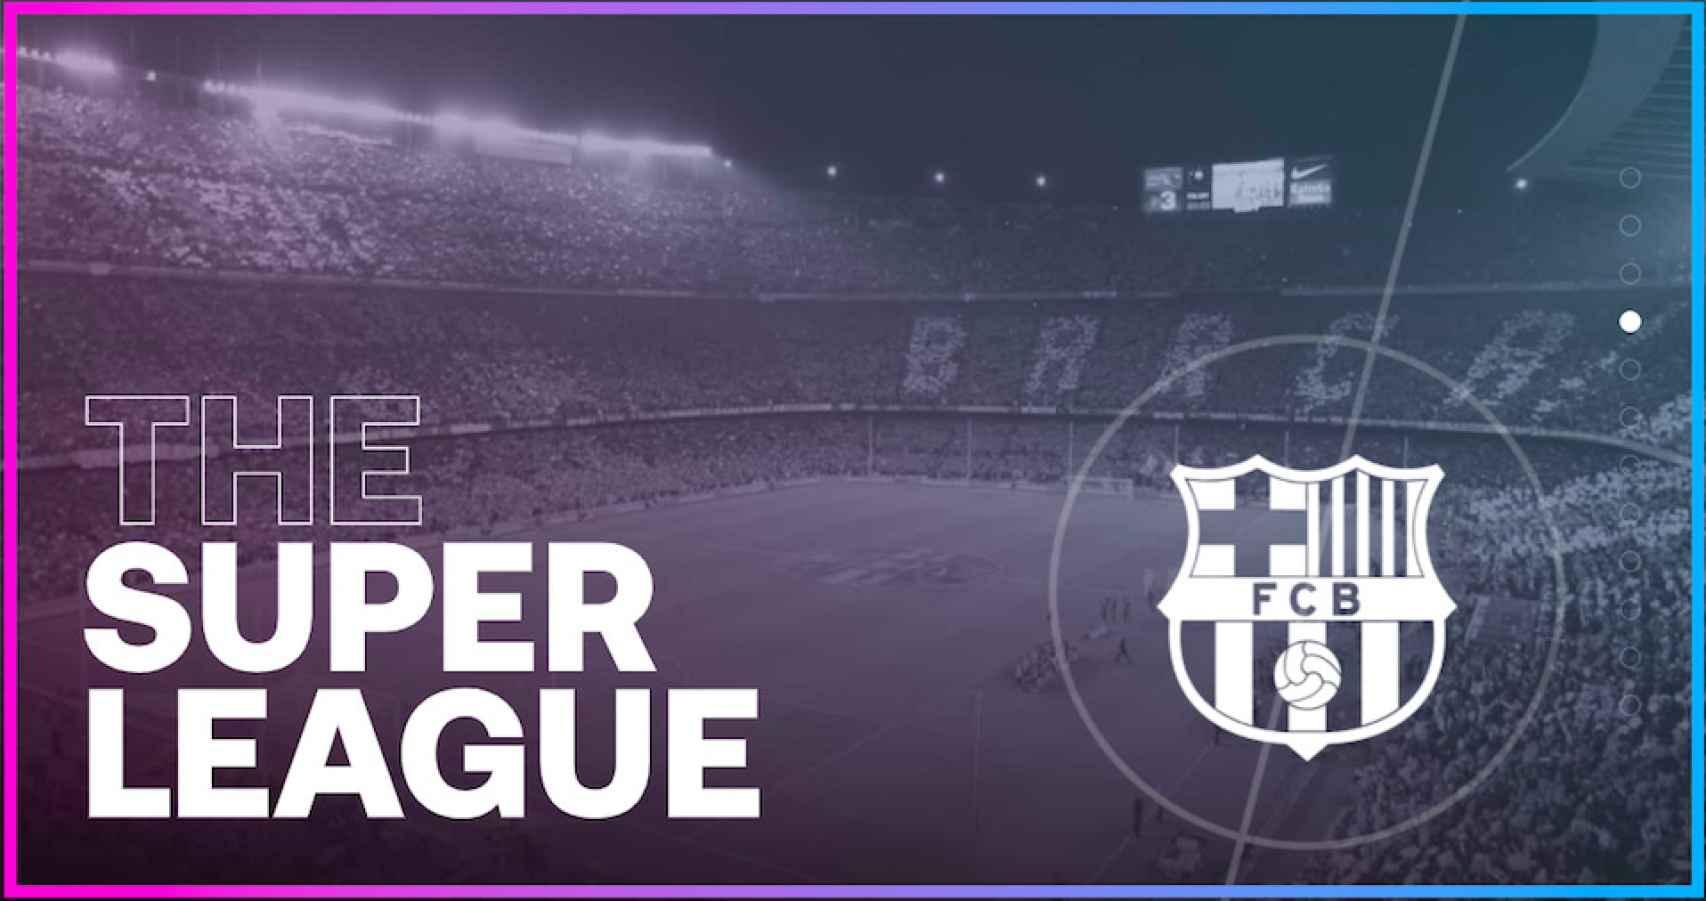 El Barcelona y la Superliga Europea